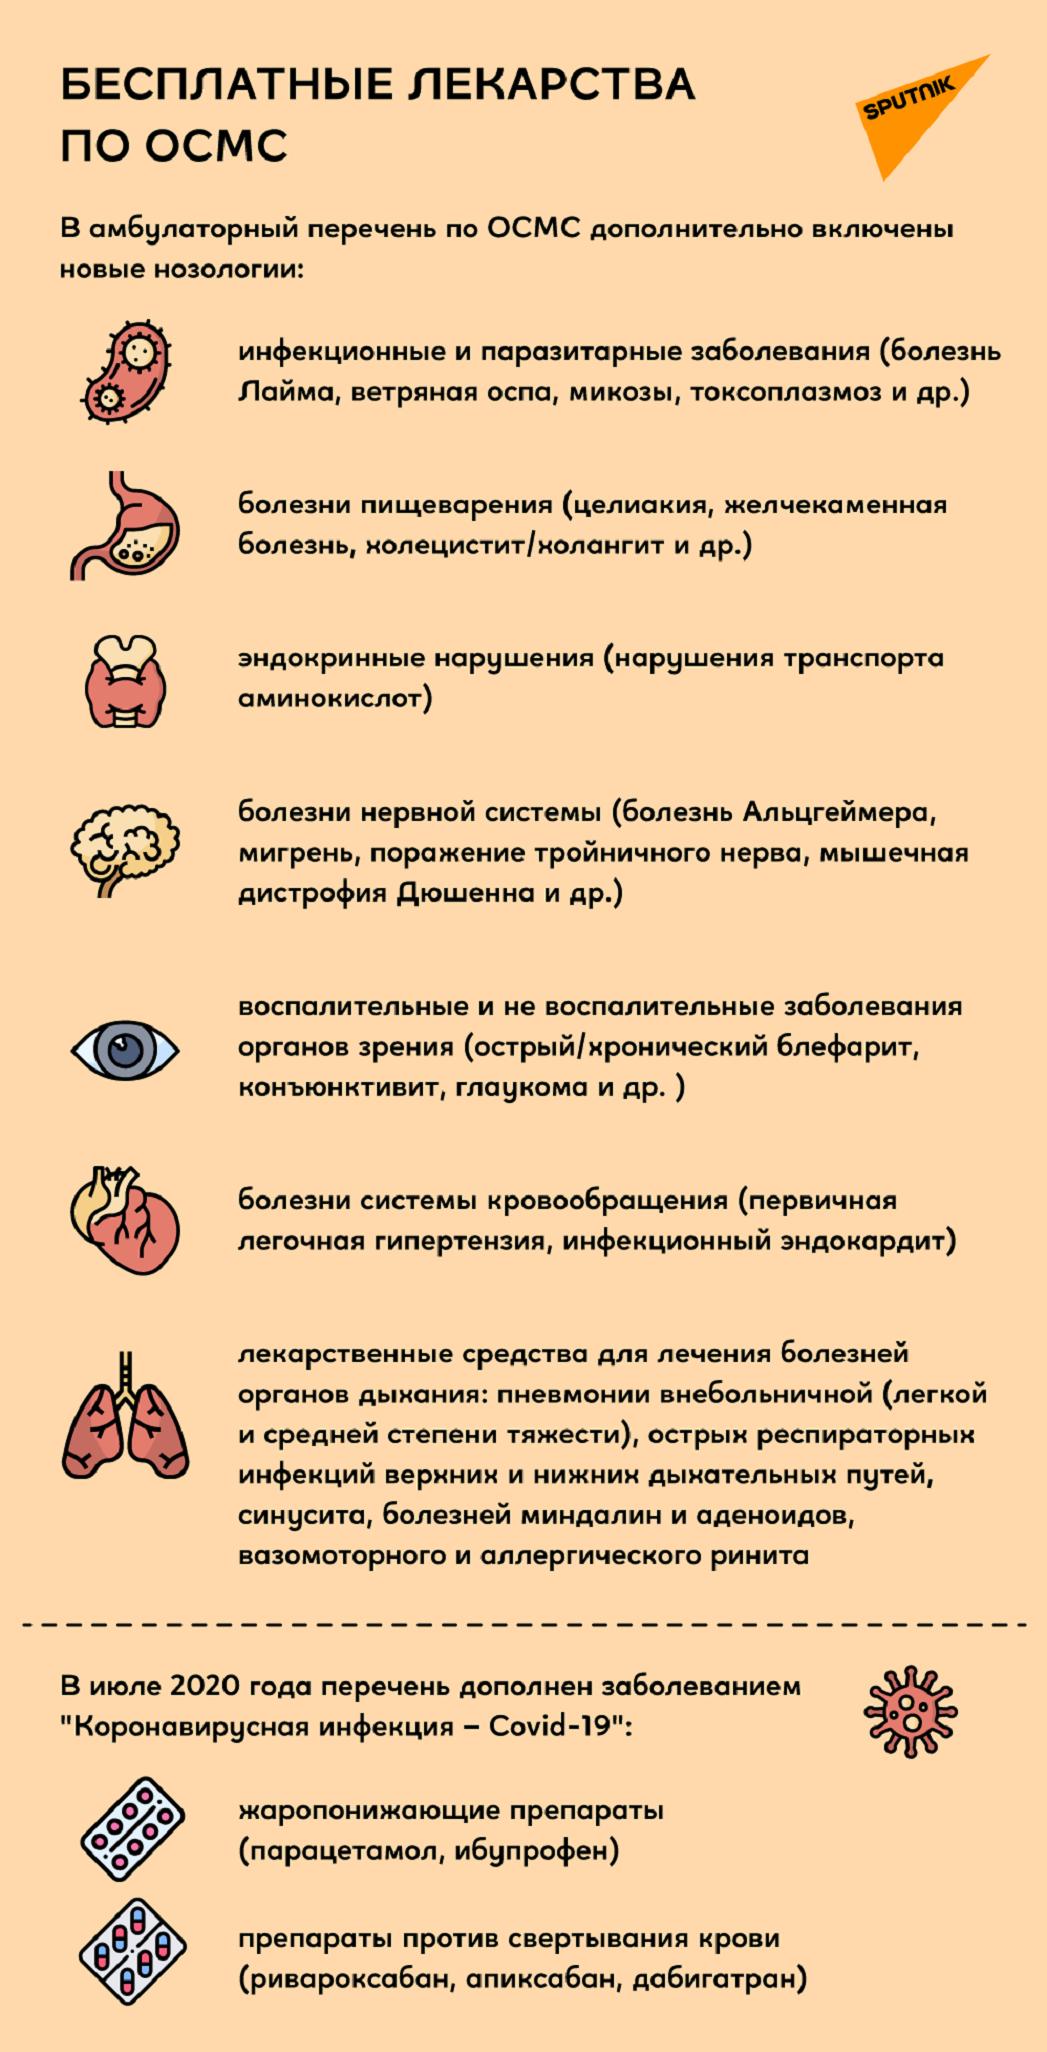 Бесплатные лекарства по ОСМС